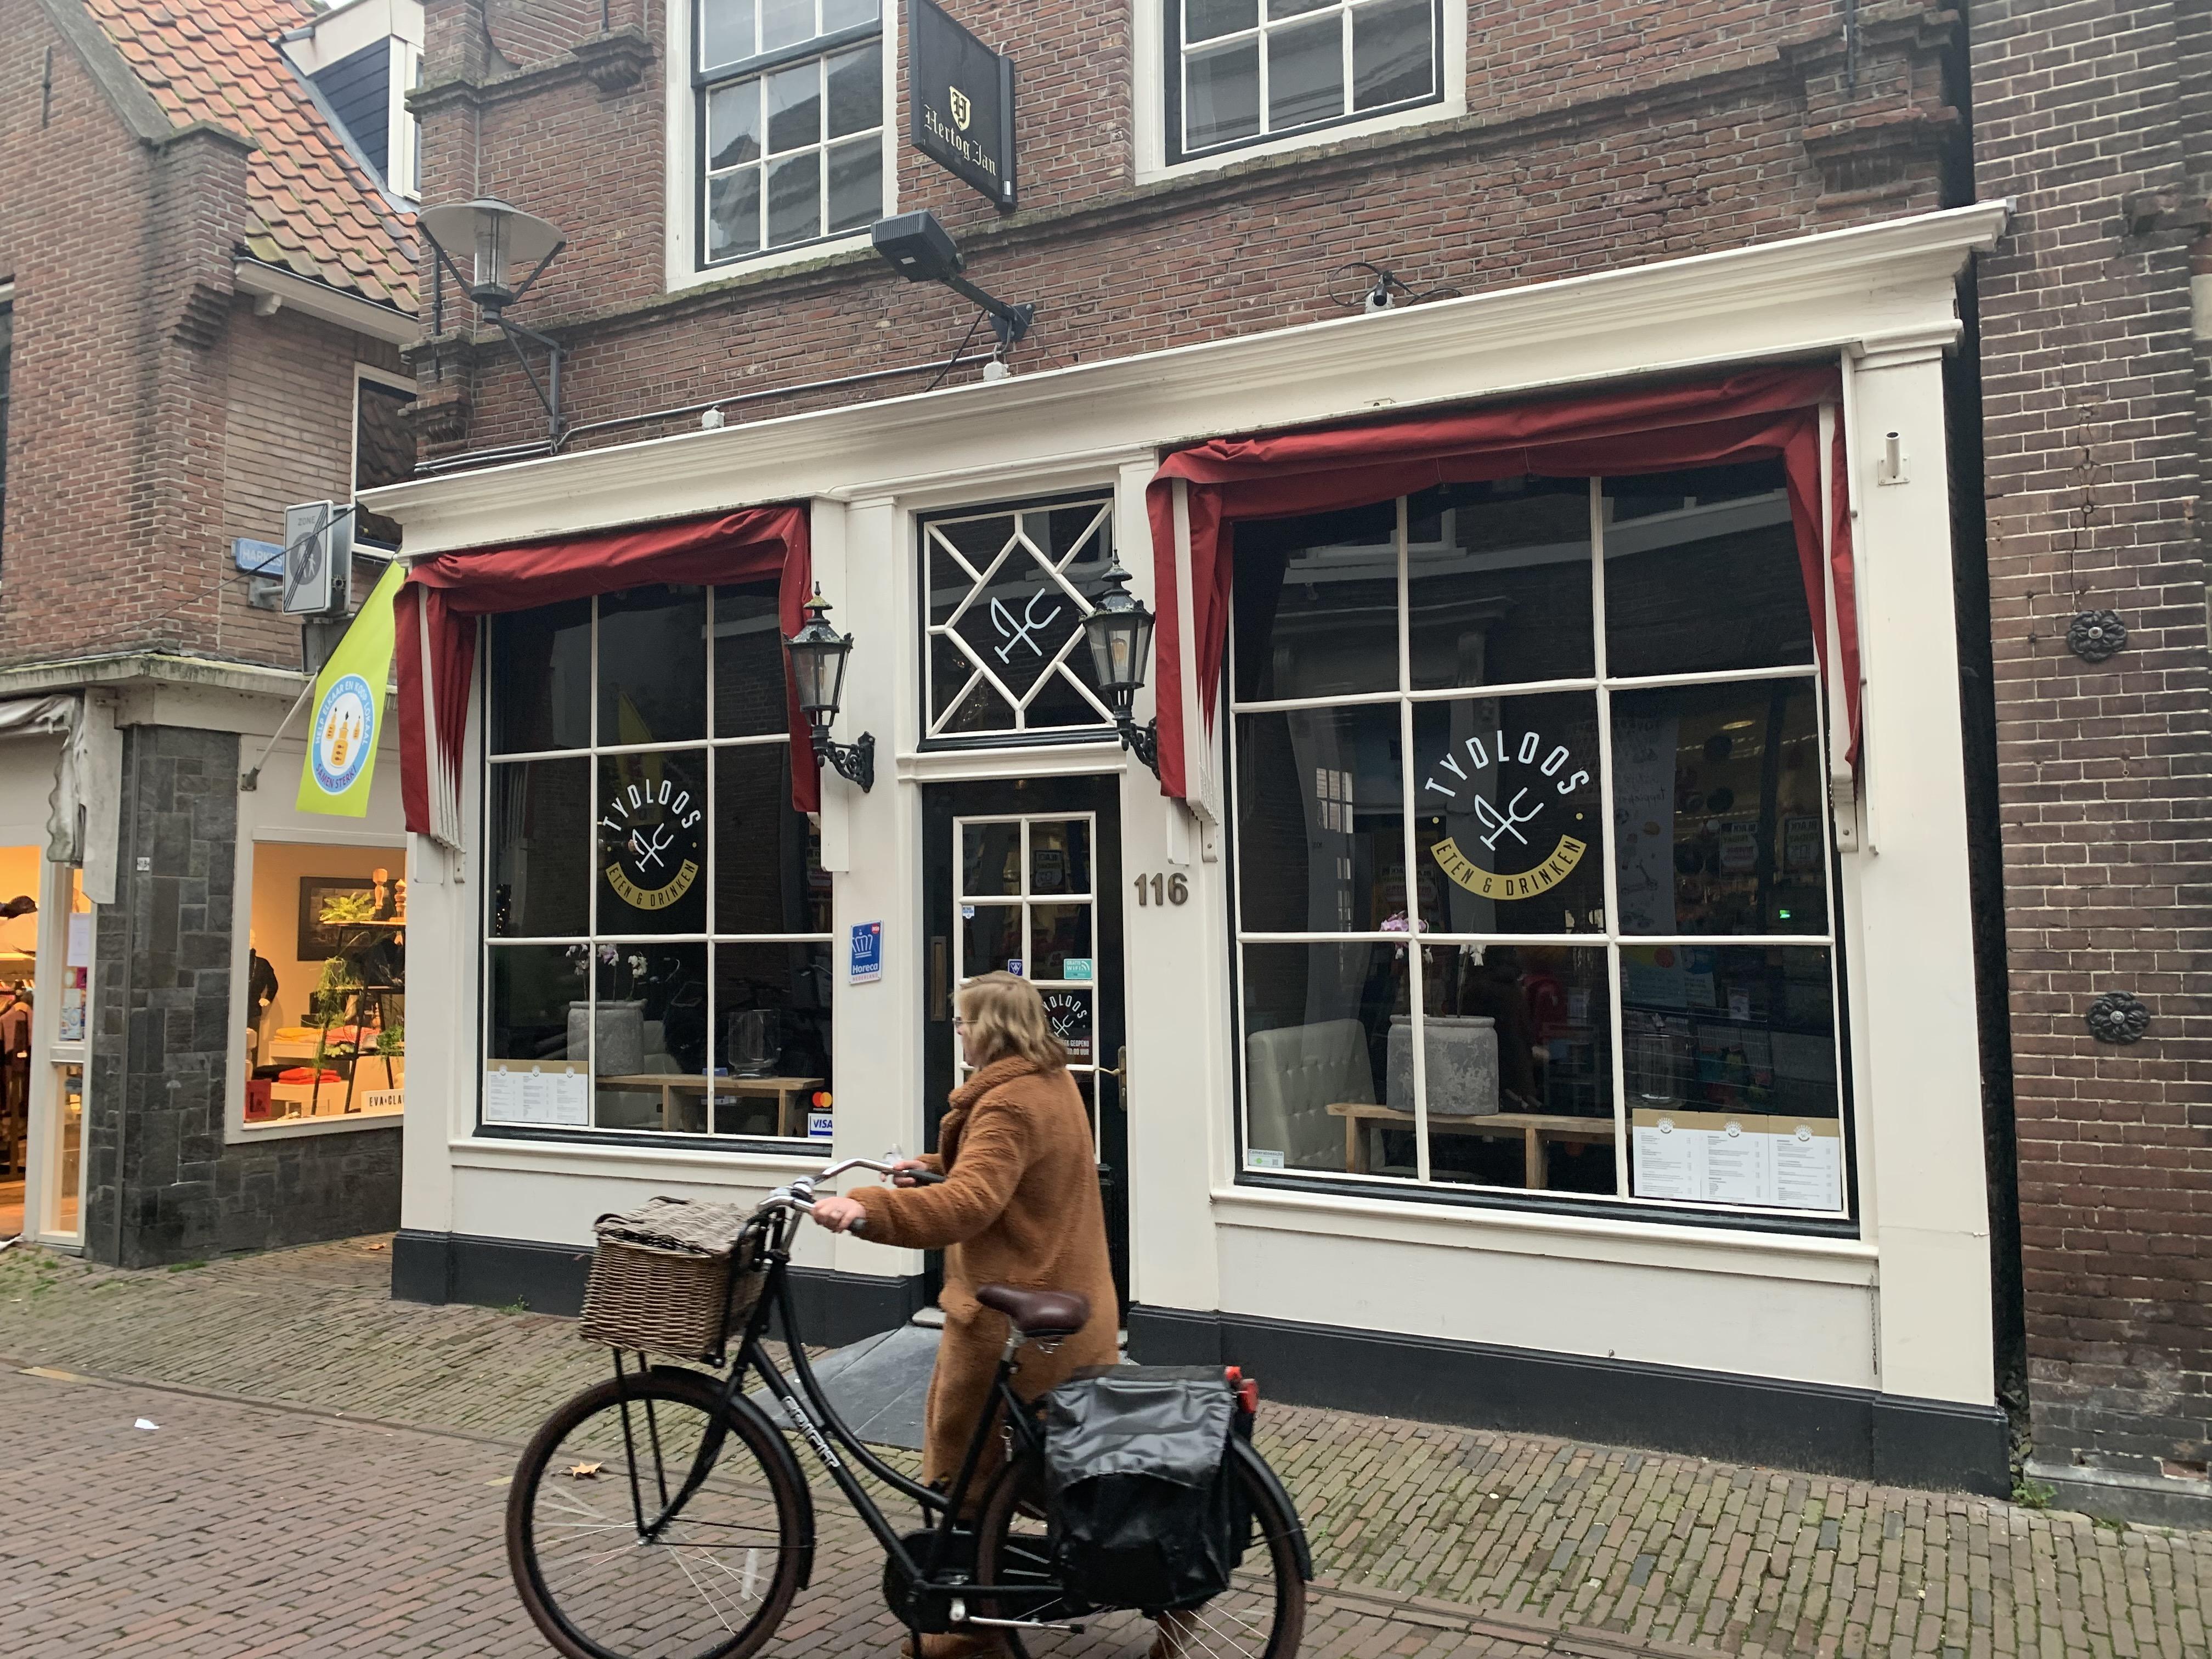 Restaurant Tydloos is de eerste in Enkhuizen die omvalt, maar ook de rest van de horeca heeft het moeilijk. 'De in zeven jaar opgebouwde buffer is op, we beginnen opnieuw'